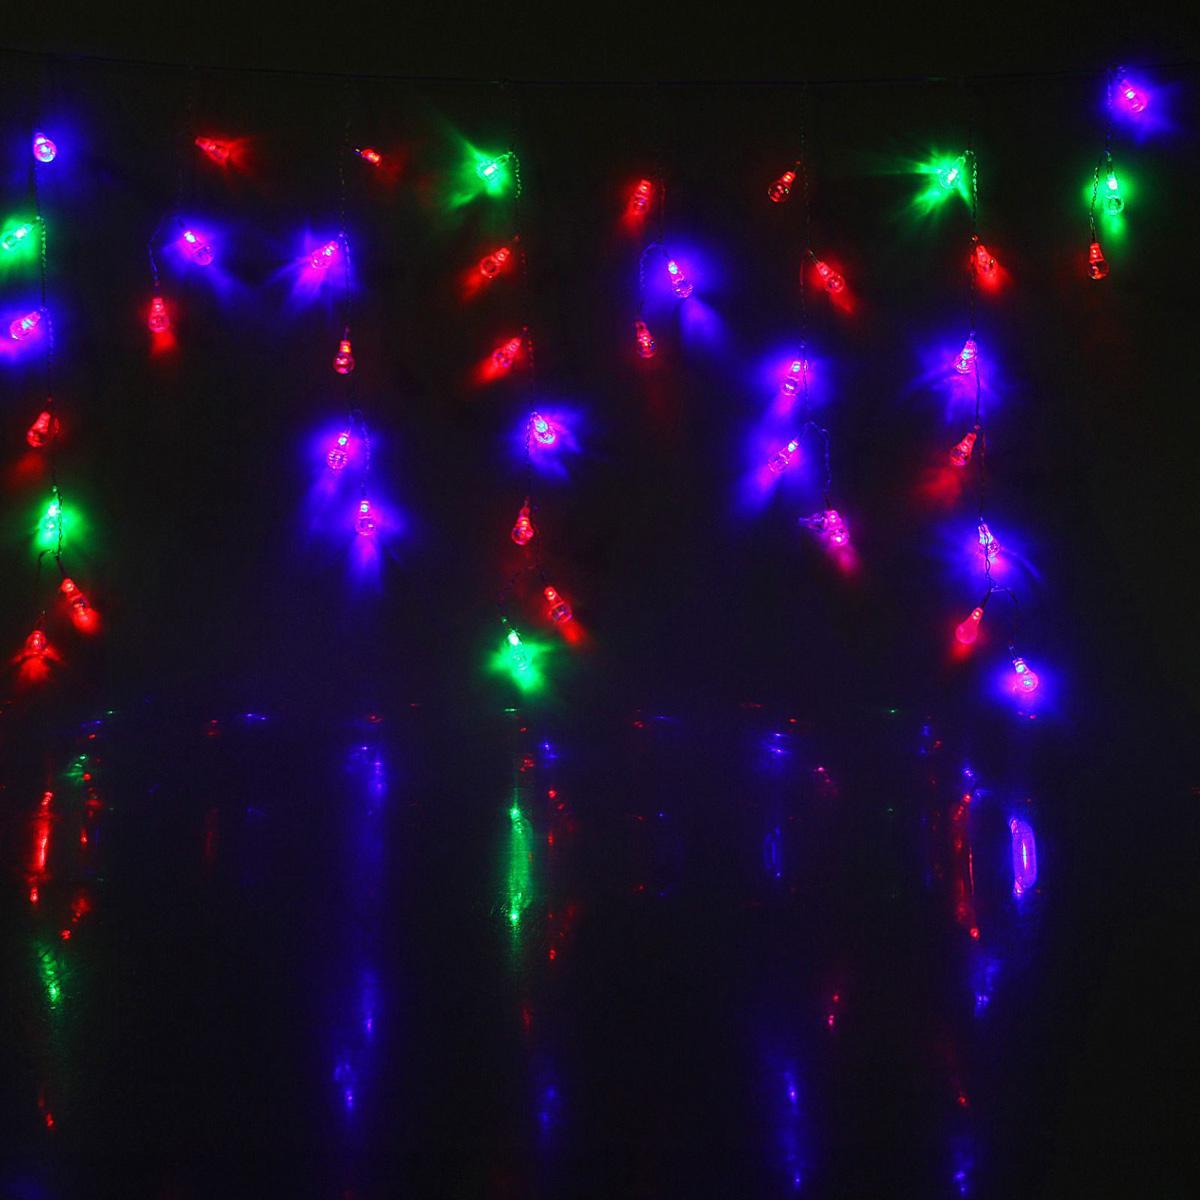 Гирлянда светодиодная Luazon Бахрома. Капля, 100 ламп, 220 V, цвет: мультиколор, 2,8 х 0,6 м. 1080448187259Светодиодные гирлянды, ленты и т.д — это отличный вариант для новогоднего оформления интерьера или фасада. С их помощью помещение любого размера можно превратить в праздничный зал, а внешние элементы зданий, украшенные ими, мгновенно станут напоминать очертания сказочного дворца. Такие украшения создают ауру предвкушения чуда. Деревья, фасады, витрины, окна и арки будто специально созданы, чтобы вы украсили их светящимися нитями.